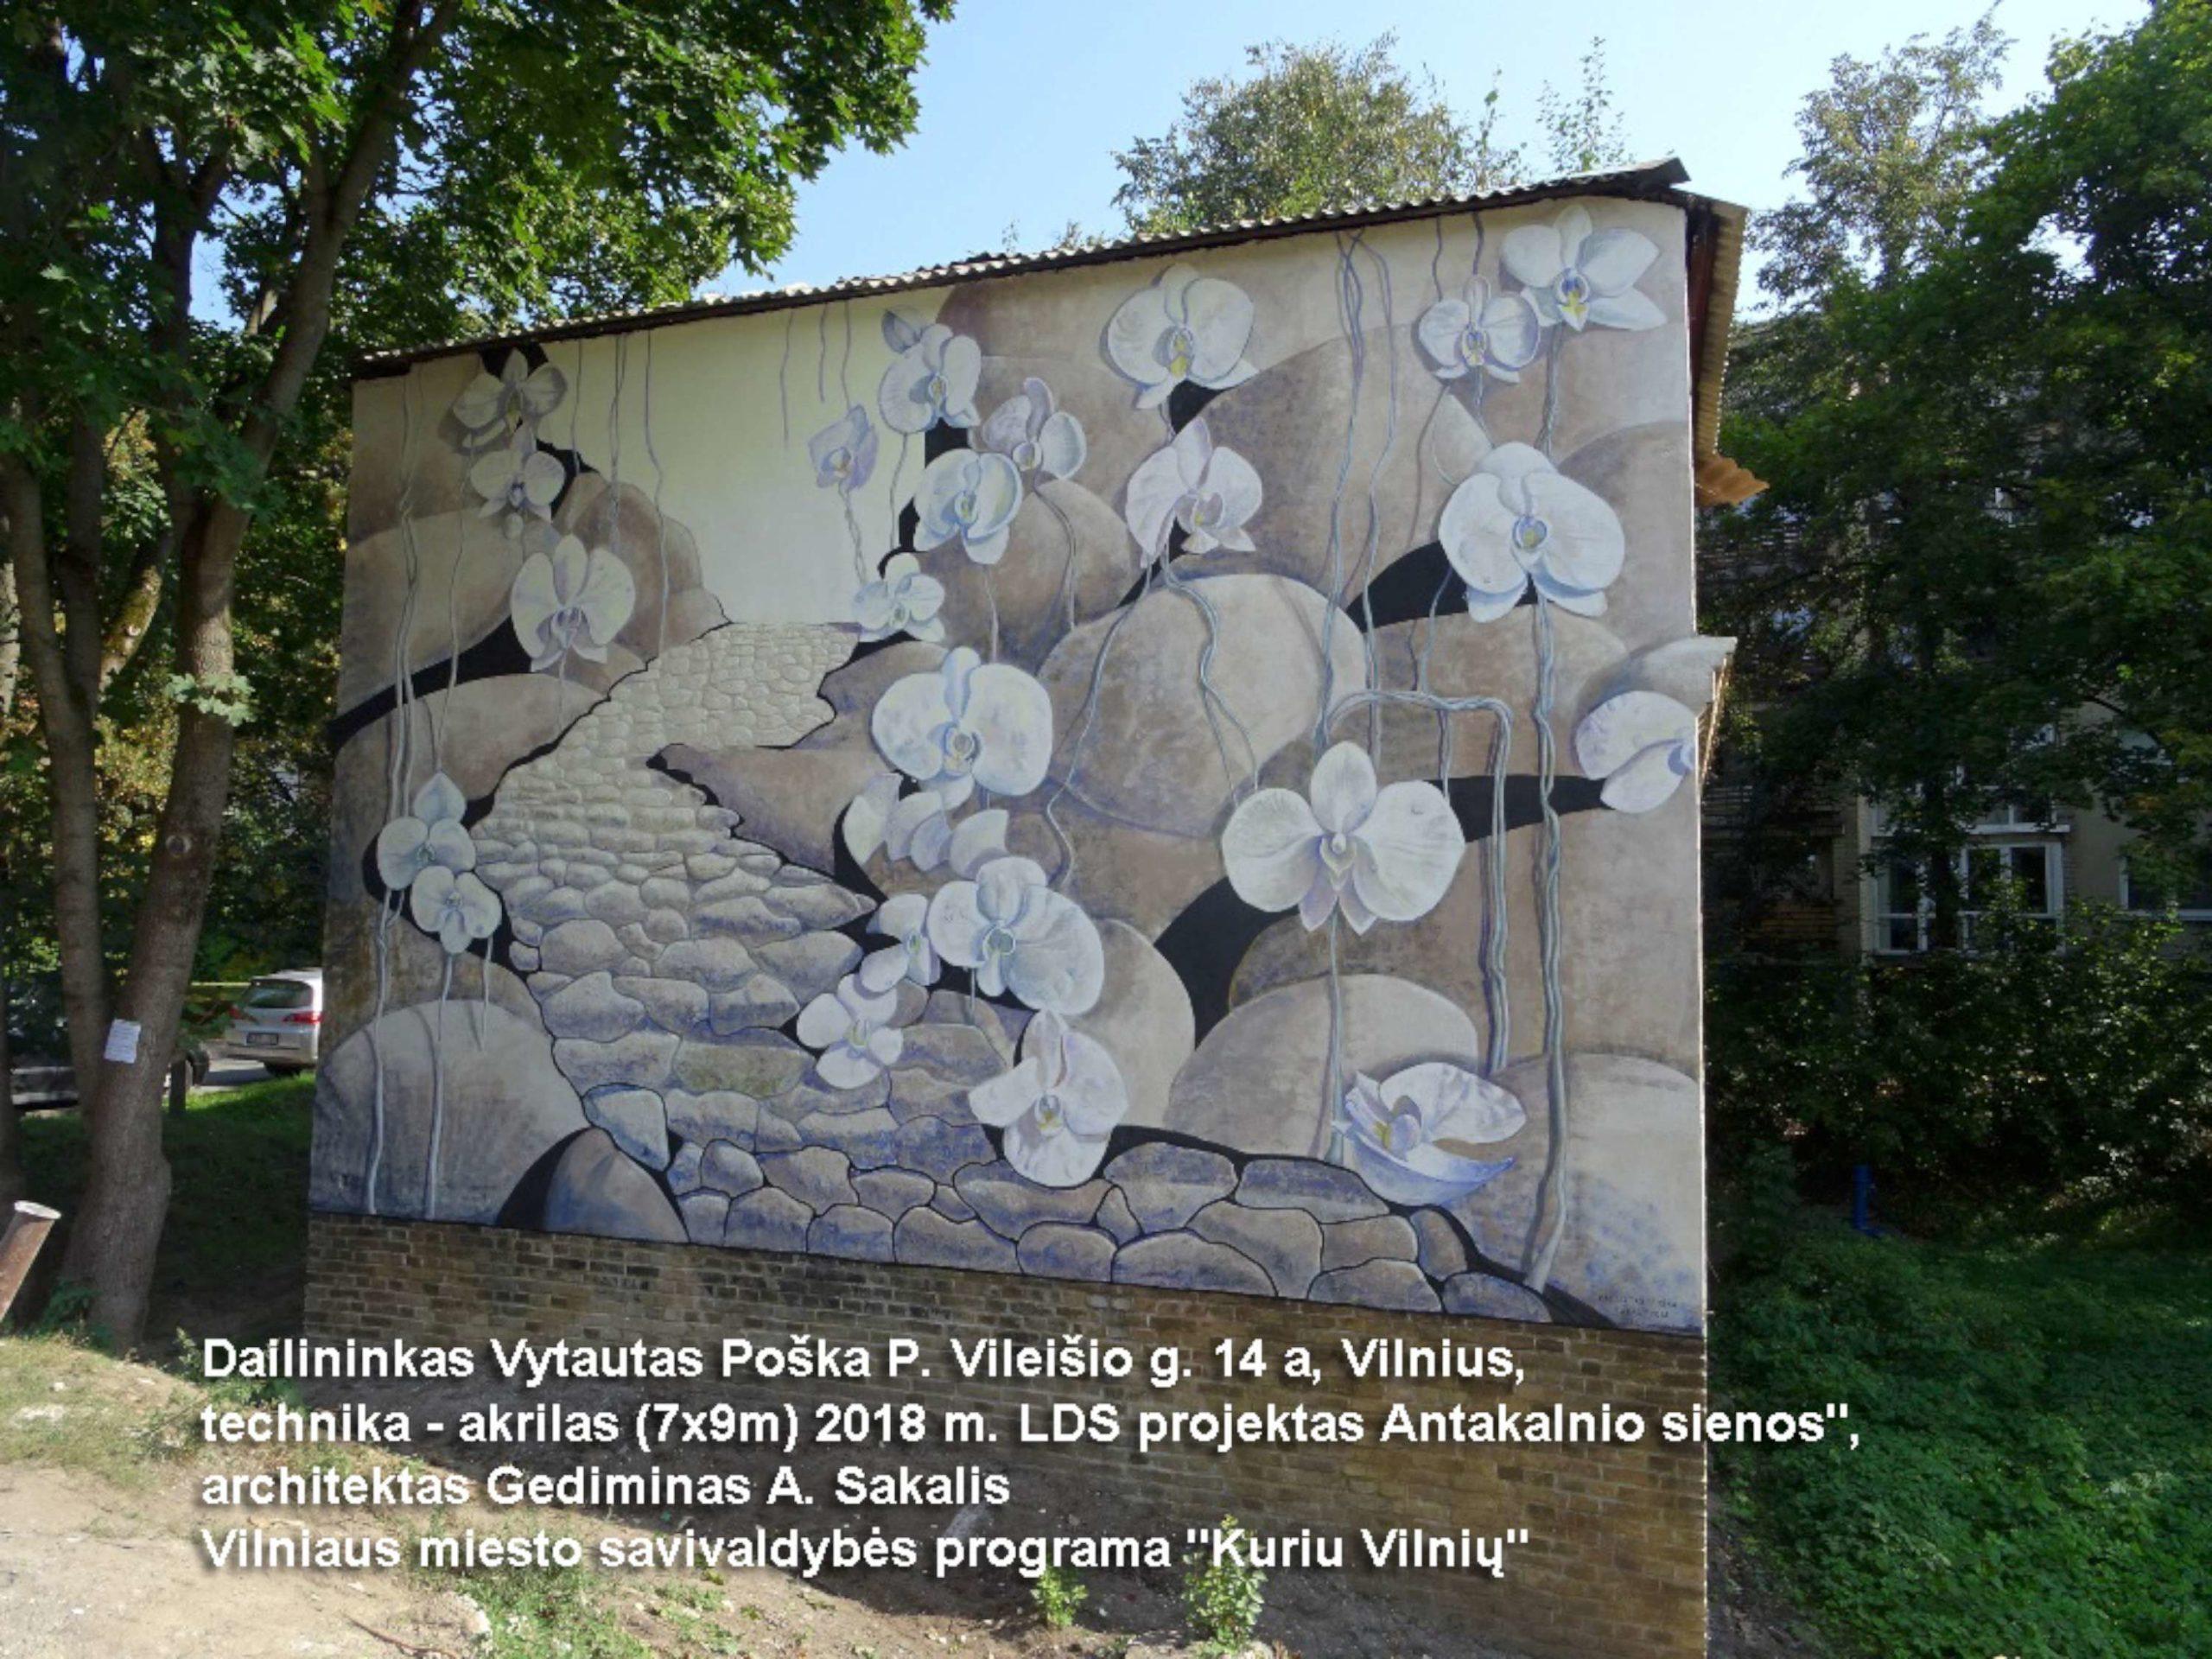 V Poška. Namo fasadas Vilniuje P. Vileišio g. - Takas, technika - akrilas, 7x9 m., 2018 m. | rengėjų nuotr.